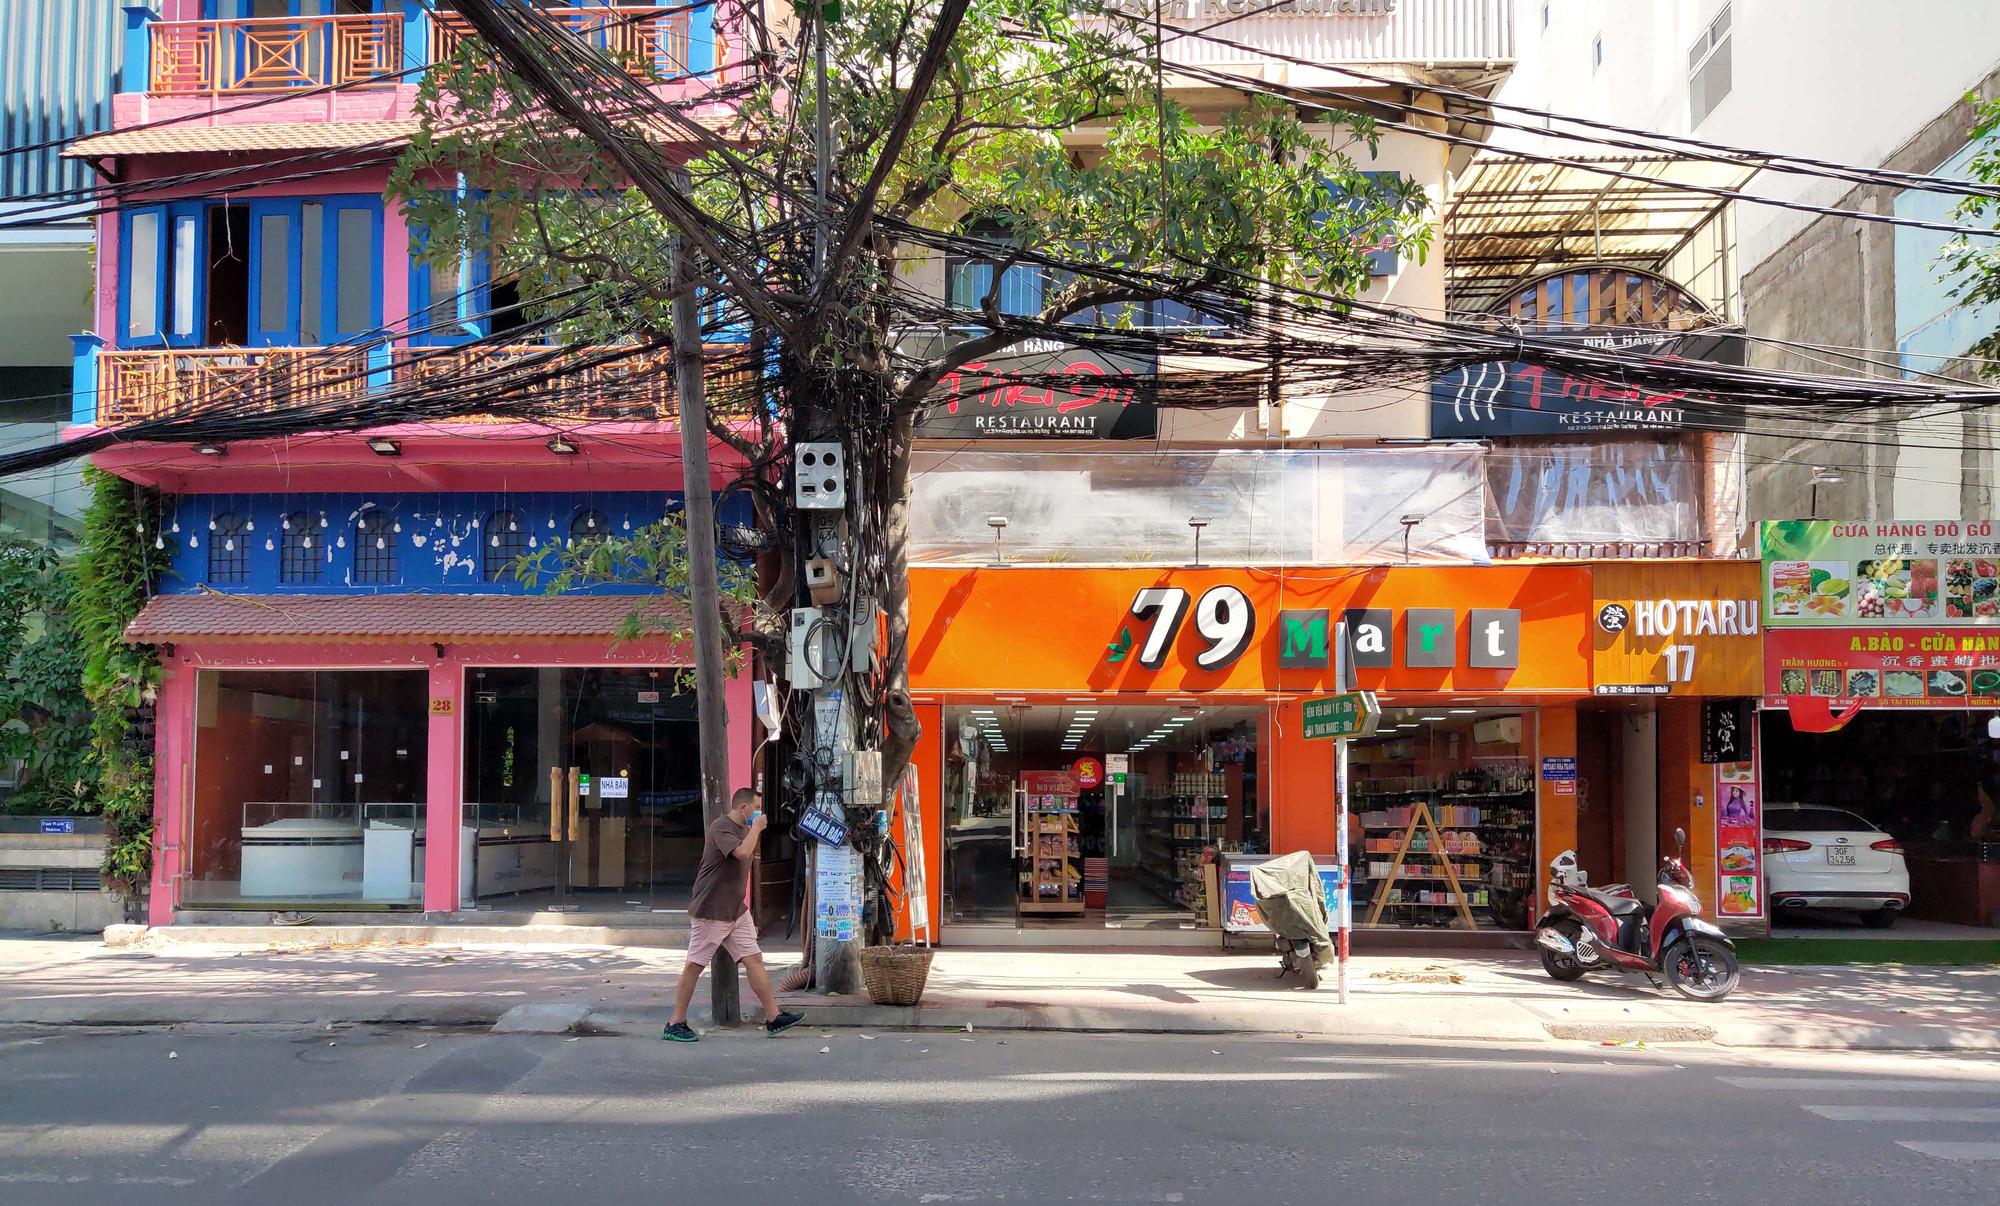 Du khách đeo khẩu trang tập luyện thể thao khi Nha Trang tạm ngừng tắm biển và đóng cửa các điểm vui chơi - Ảnh 3.